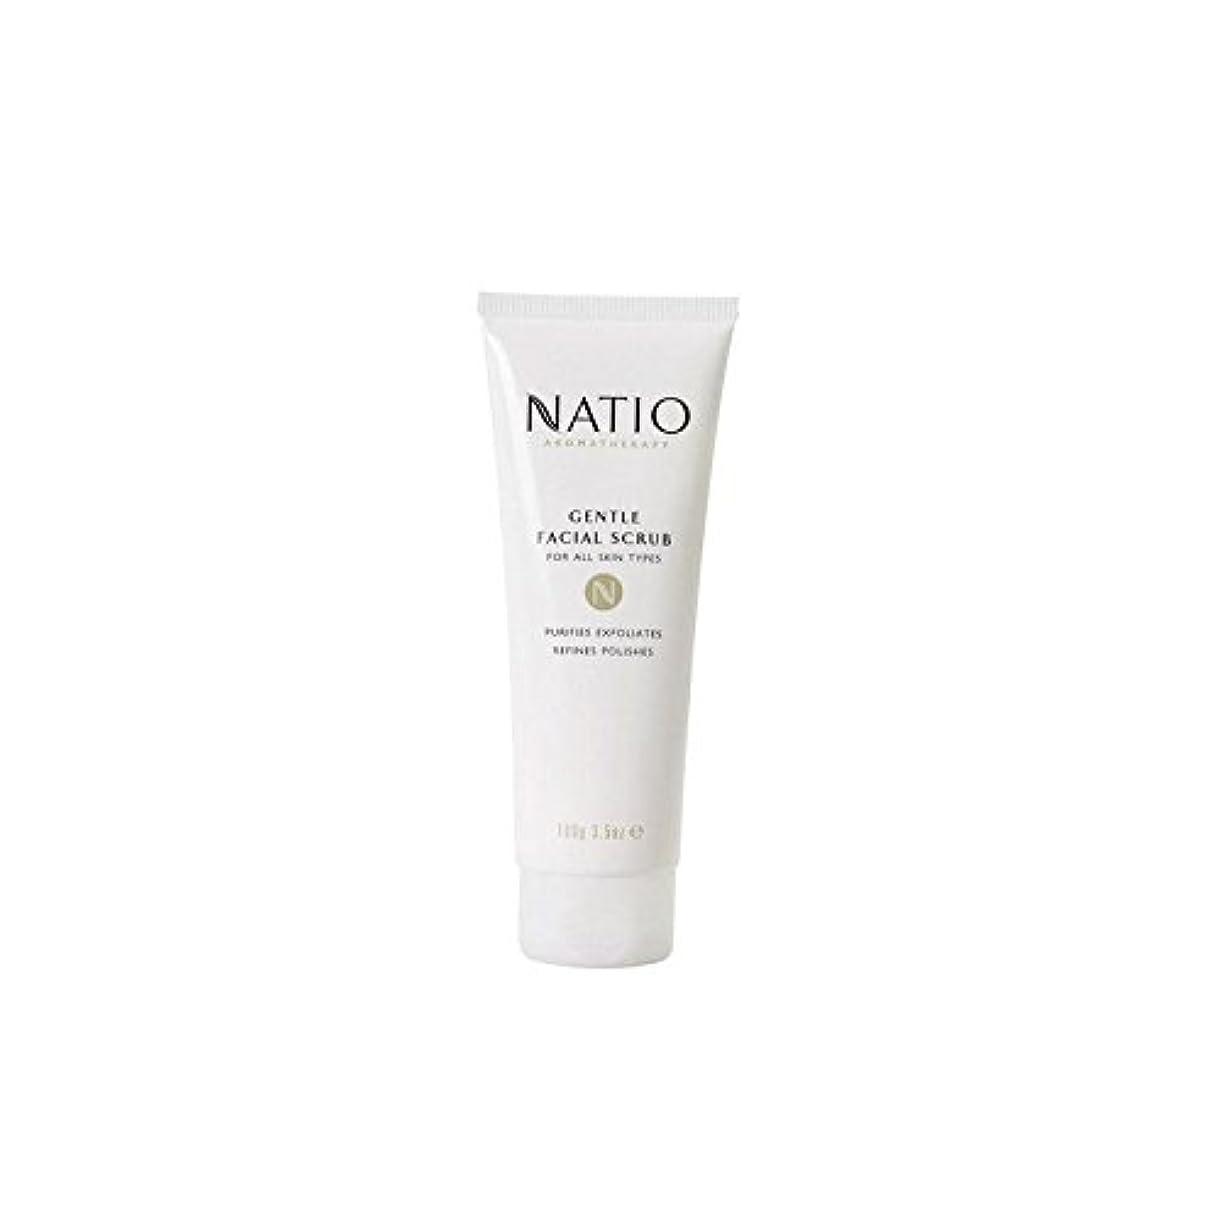 配当首尾一貫したたっぷり優しいフェイシャルスクラブ(100グラム) x4 - Natio Gentle Facial Scrub (100G) (Pack of 4) [並行輸入品]